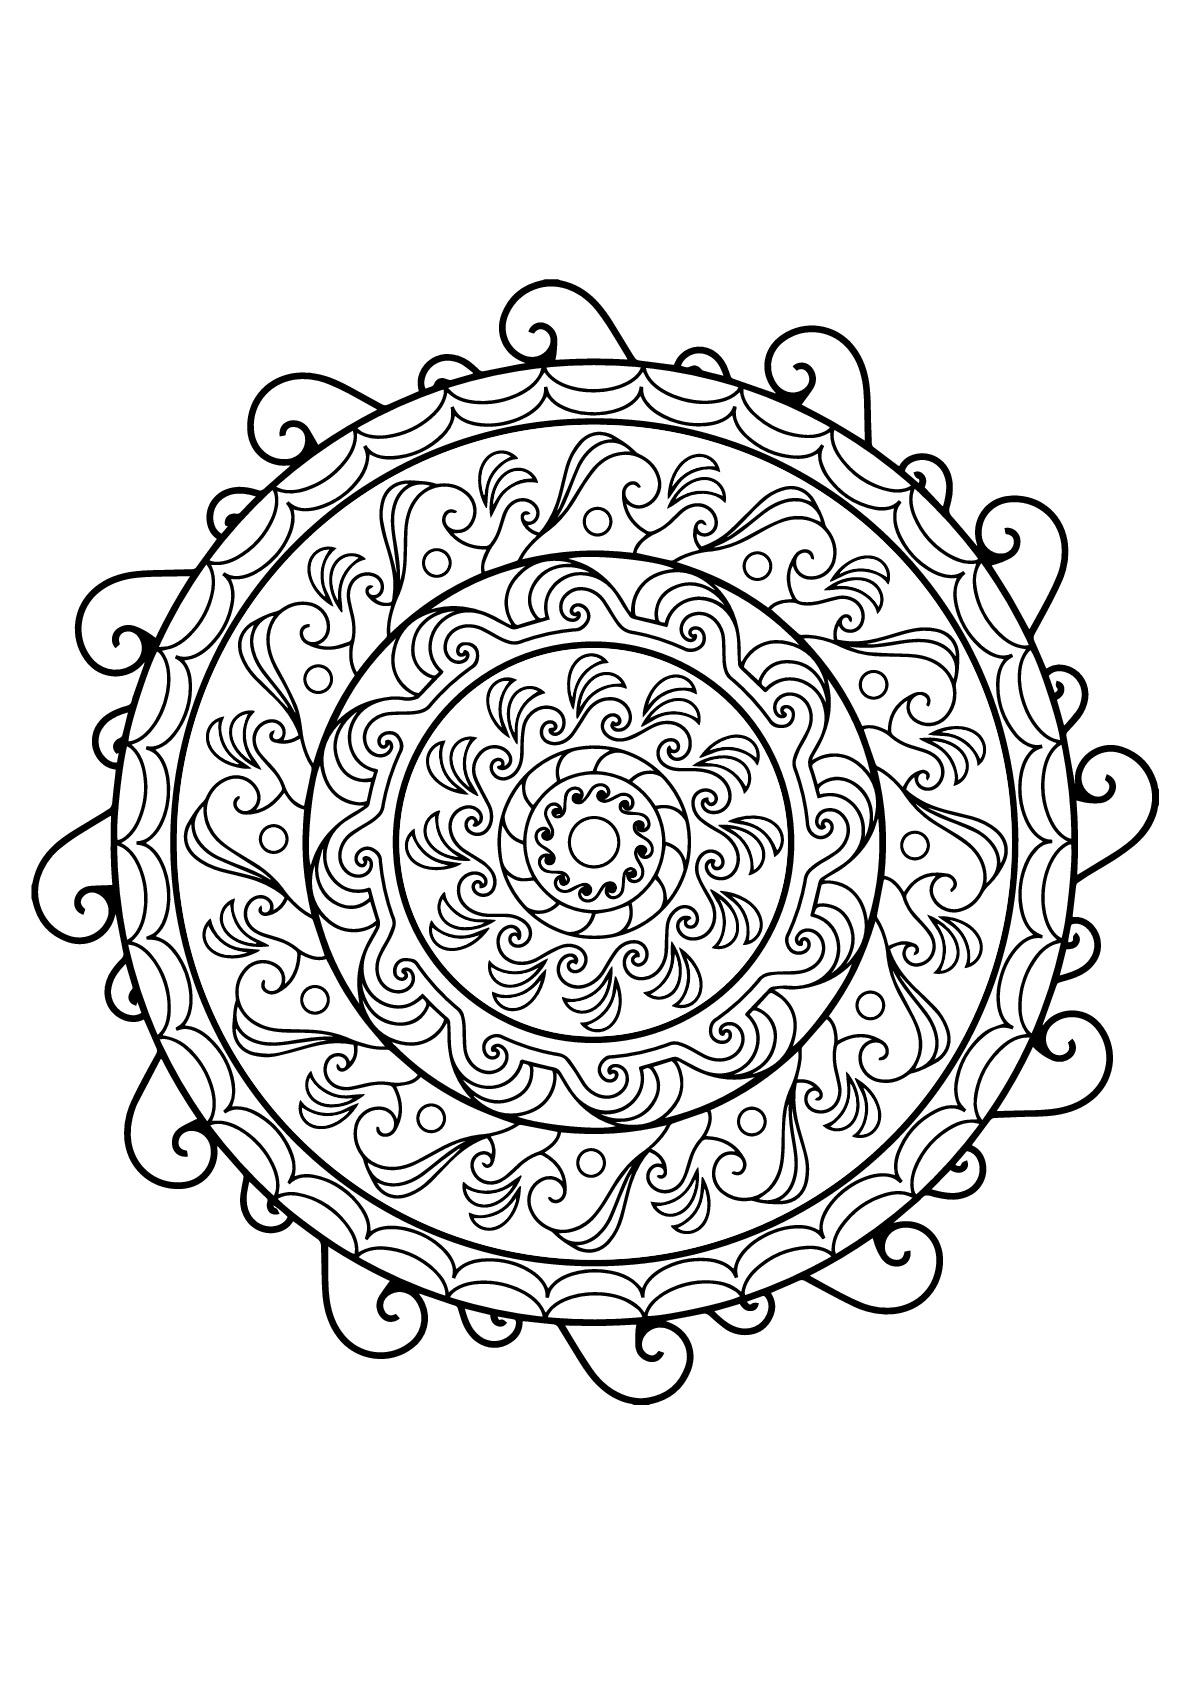 Mandala Livre Gratuit 21 - Mandalas - Coloriages concernant Livre De Coloriage Pour Adulte